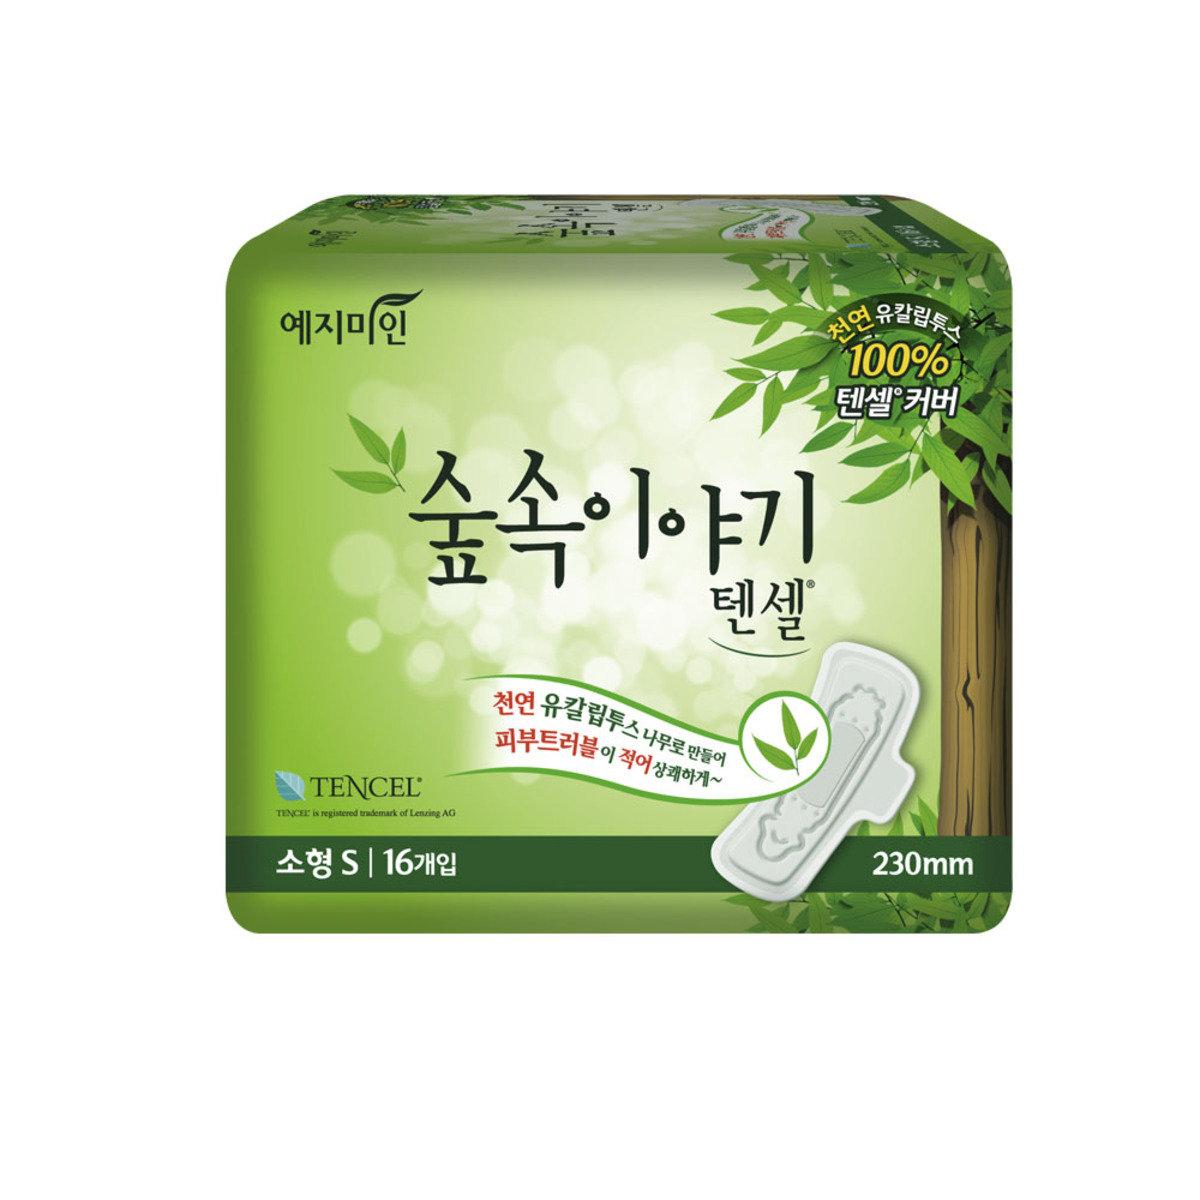 韓國天絲抑菌衛生巾 23CM 16片裝